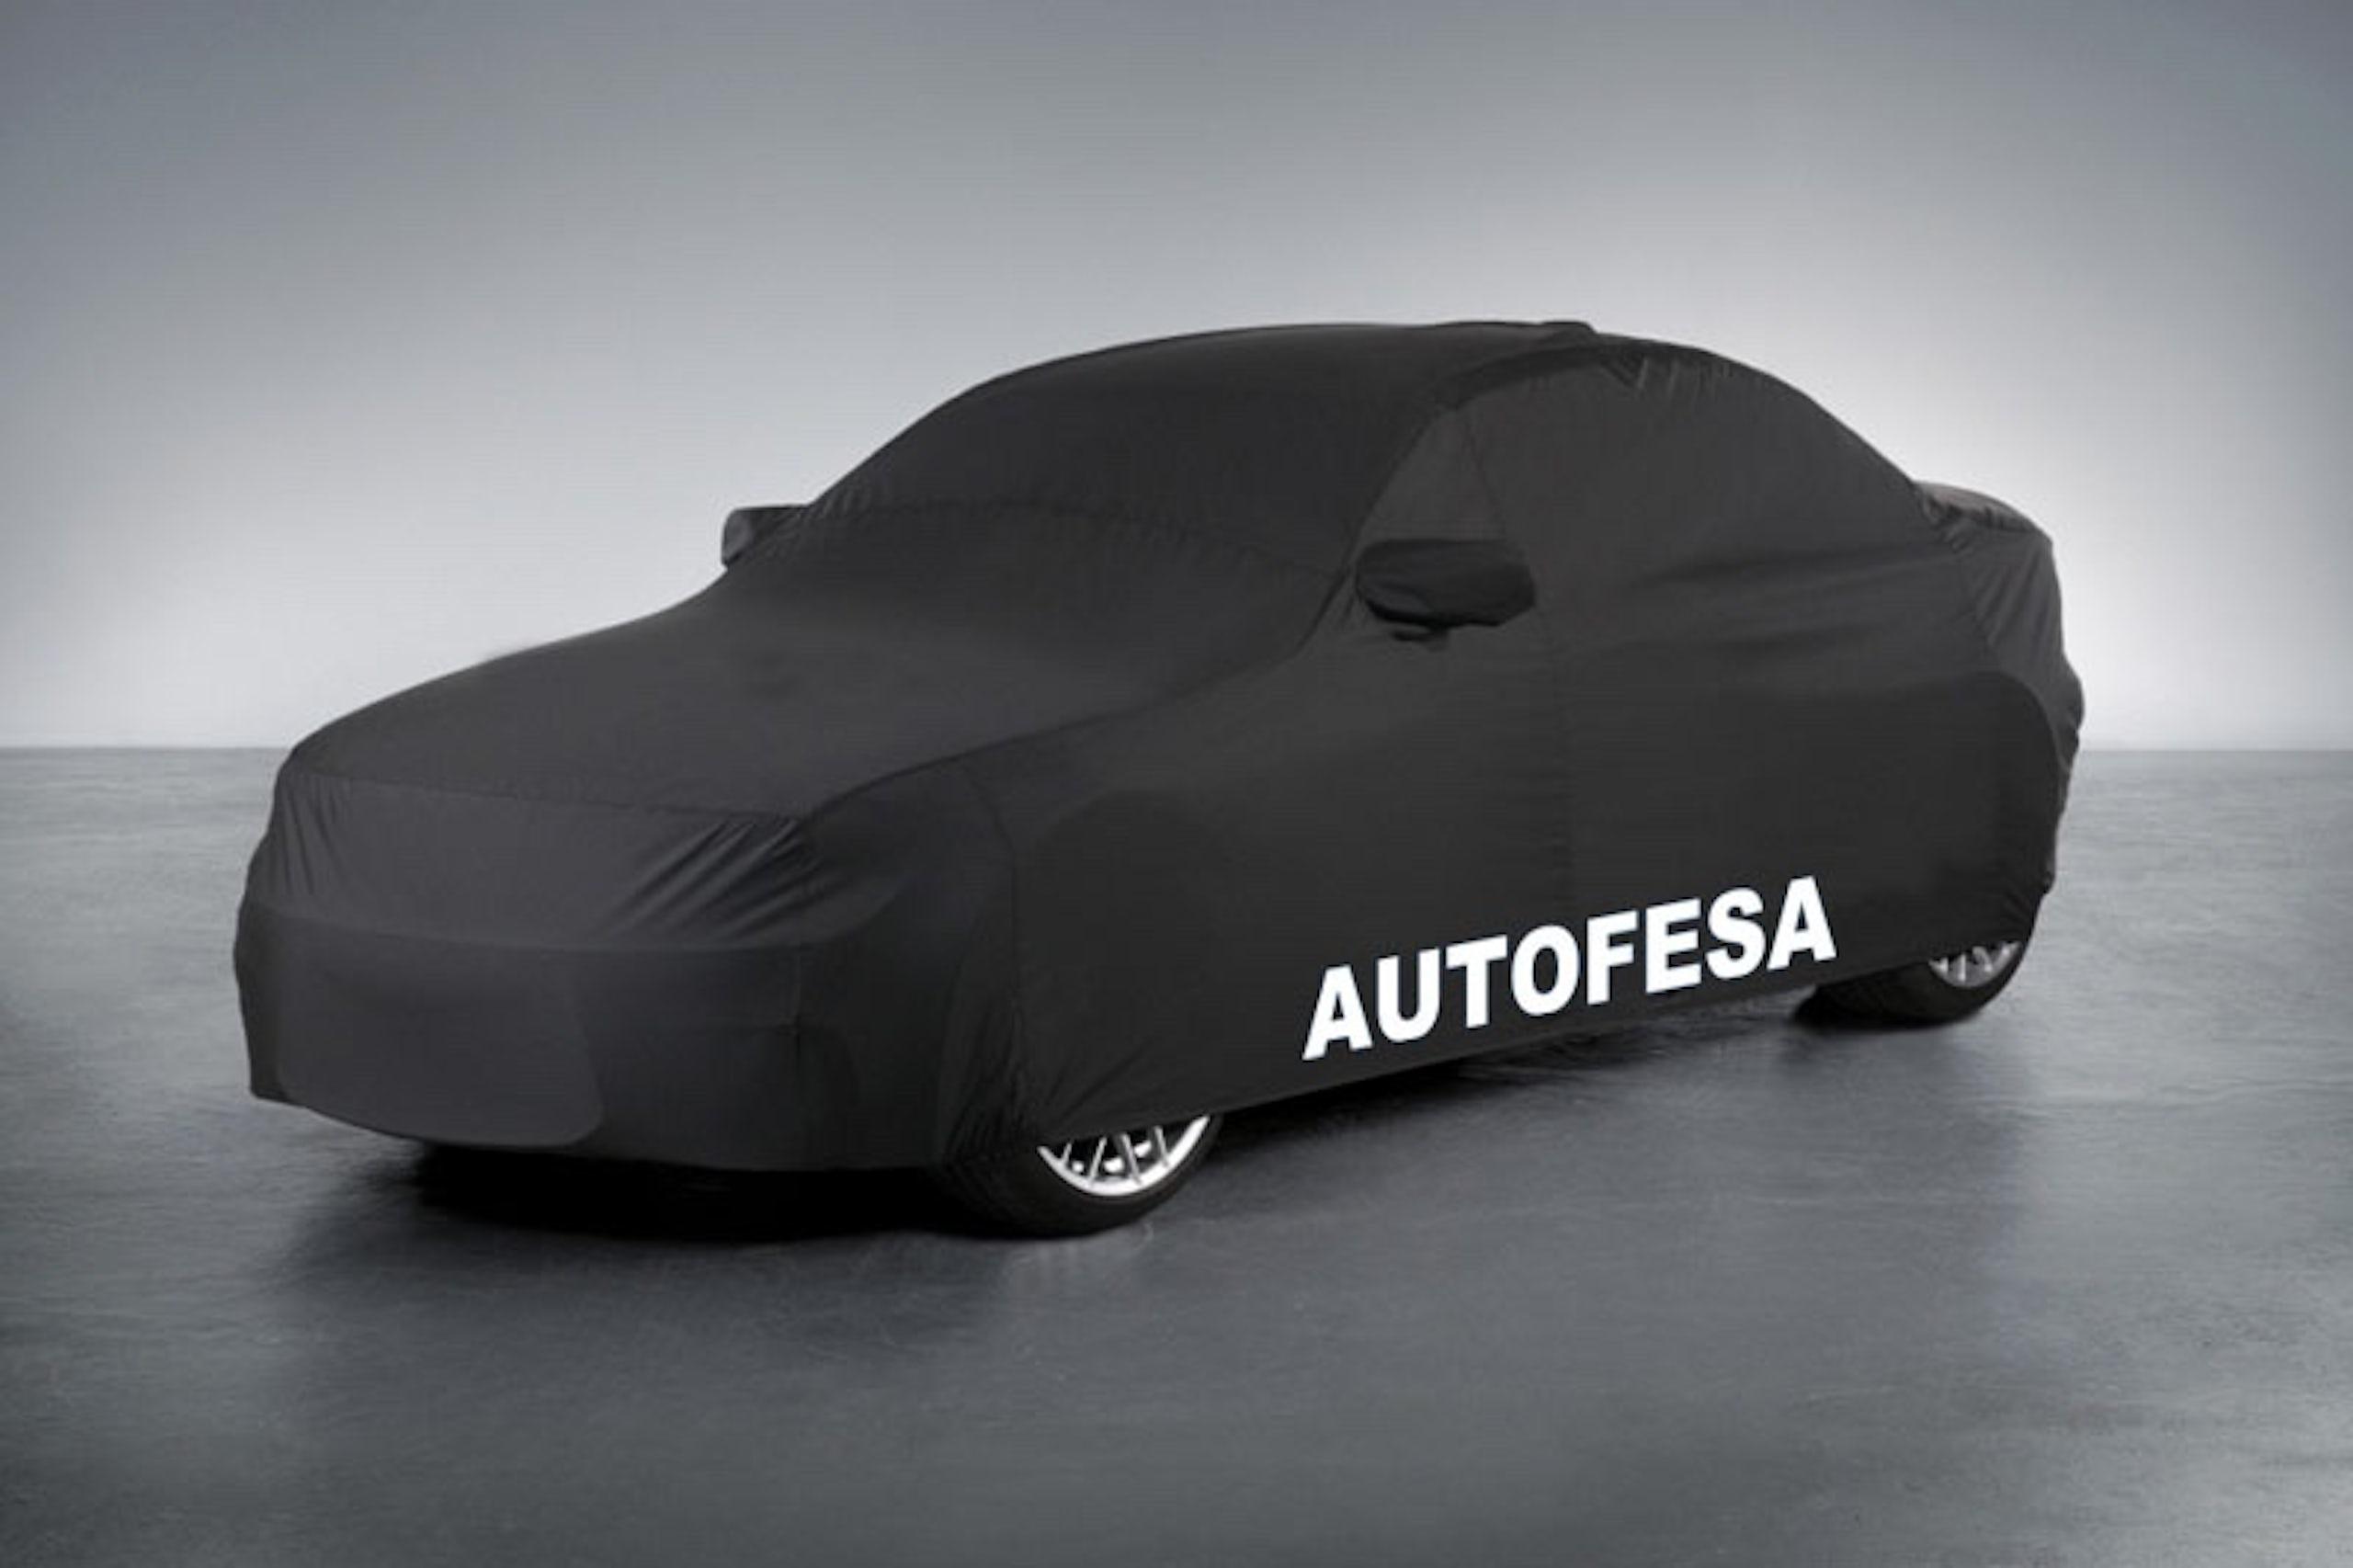 Audi A4 Avant 2.0 TDI 150cv Auto 5p S/S - Foto 14